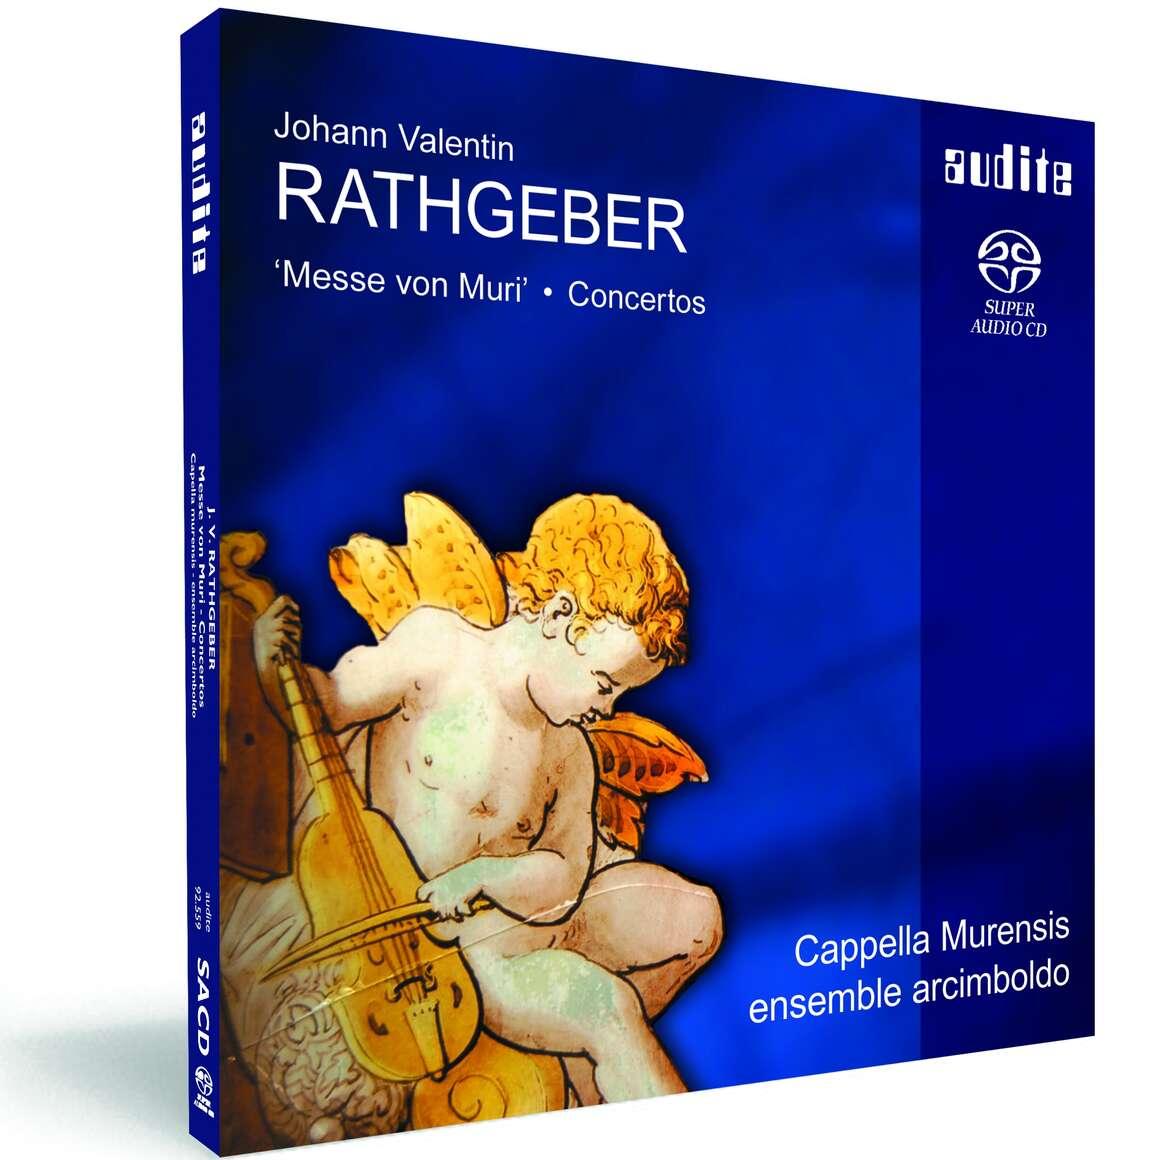 J. V. Rathgeber: Messe von Muri & Concertos